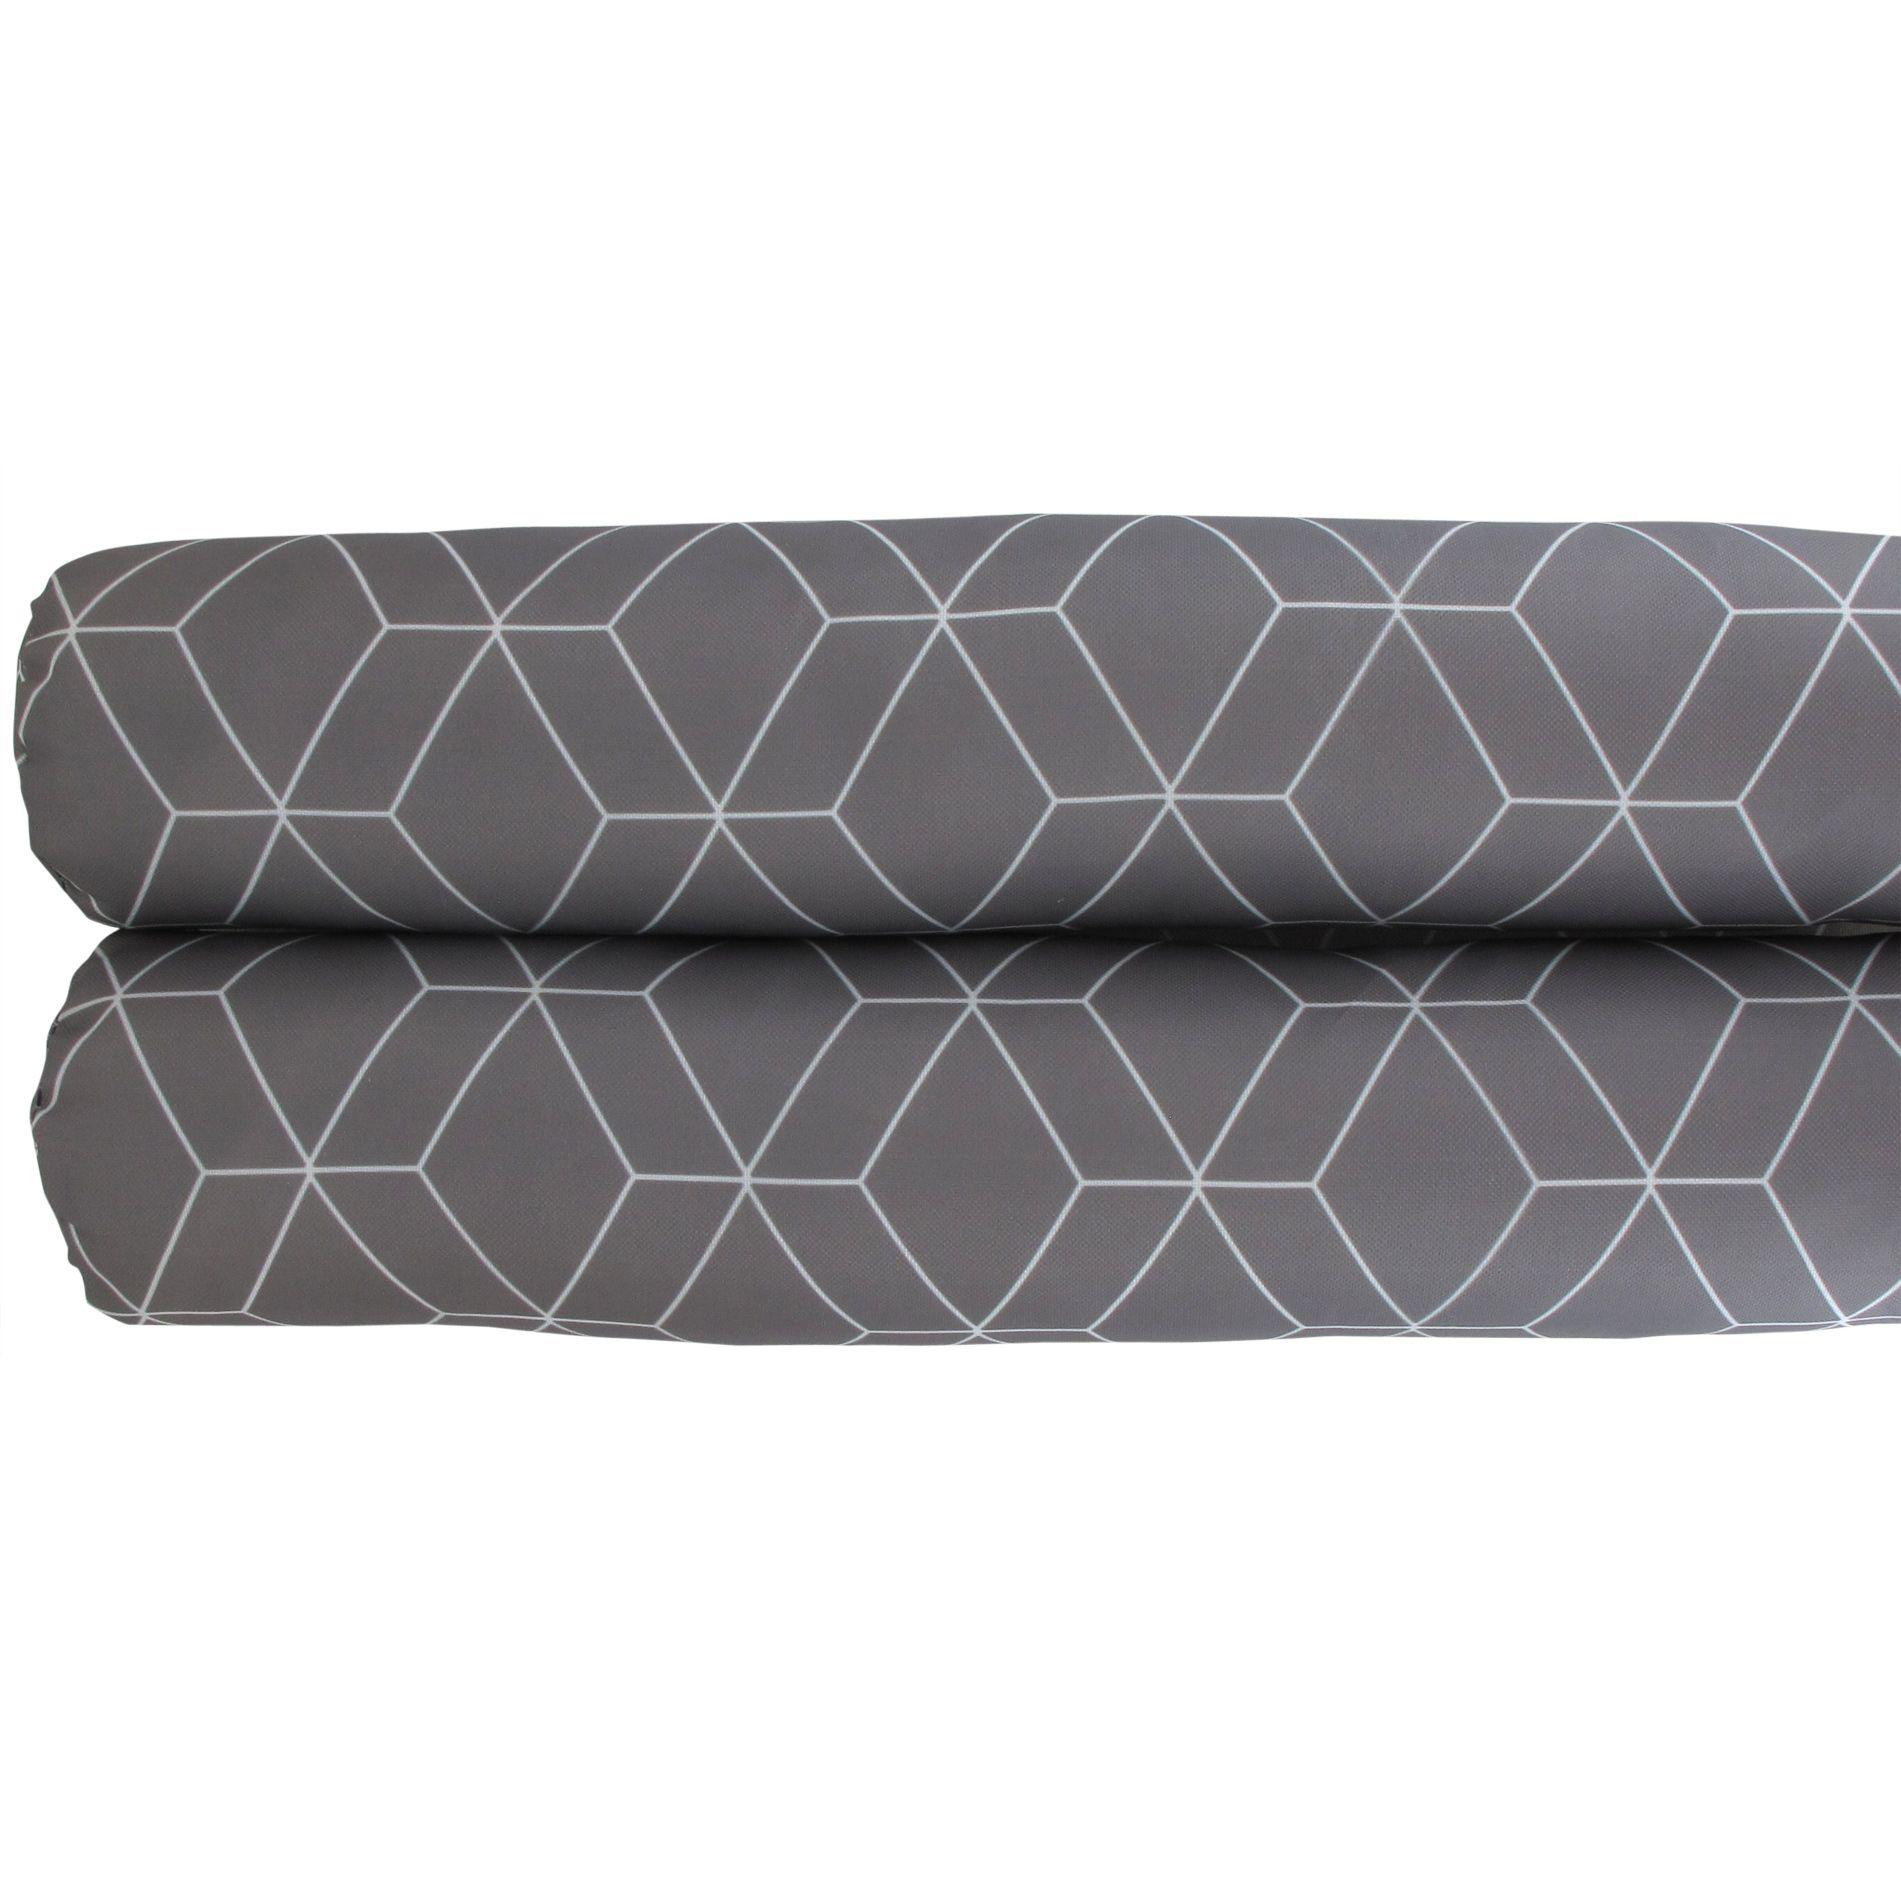 coussin bas de porte double bourrelet nordic home gris coussin bas de porte eminza. Black Bedroom Furniture Sets. Home Design Ideas